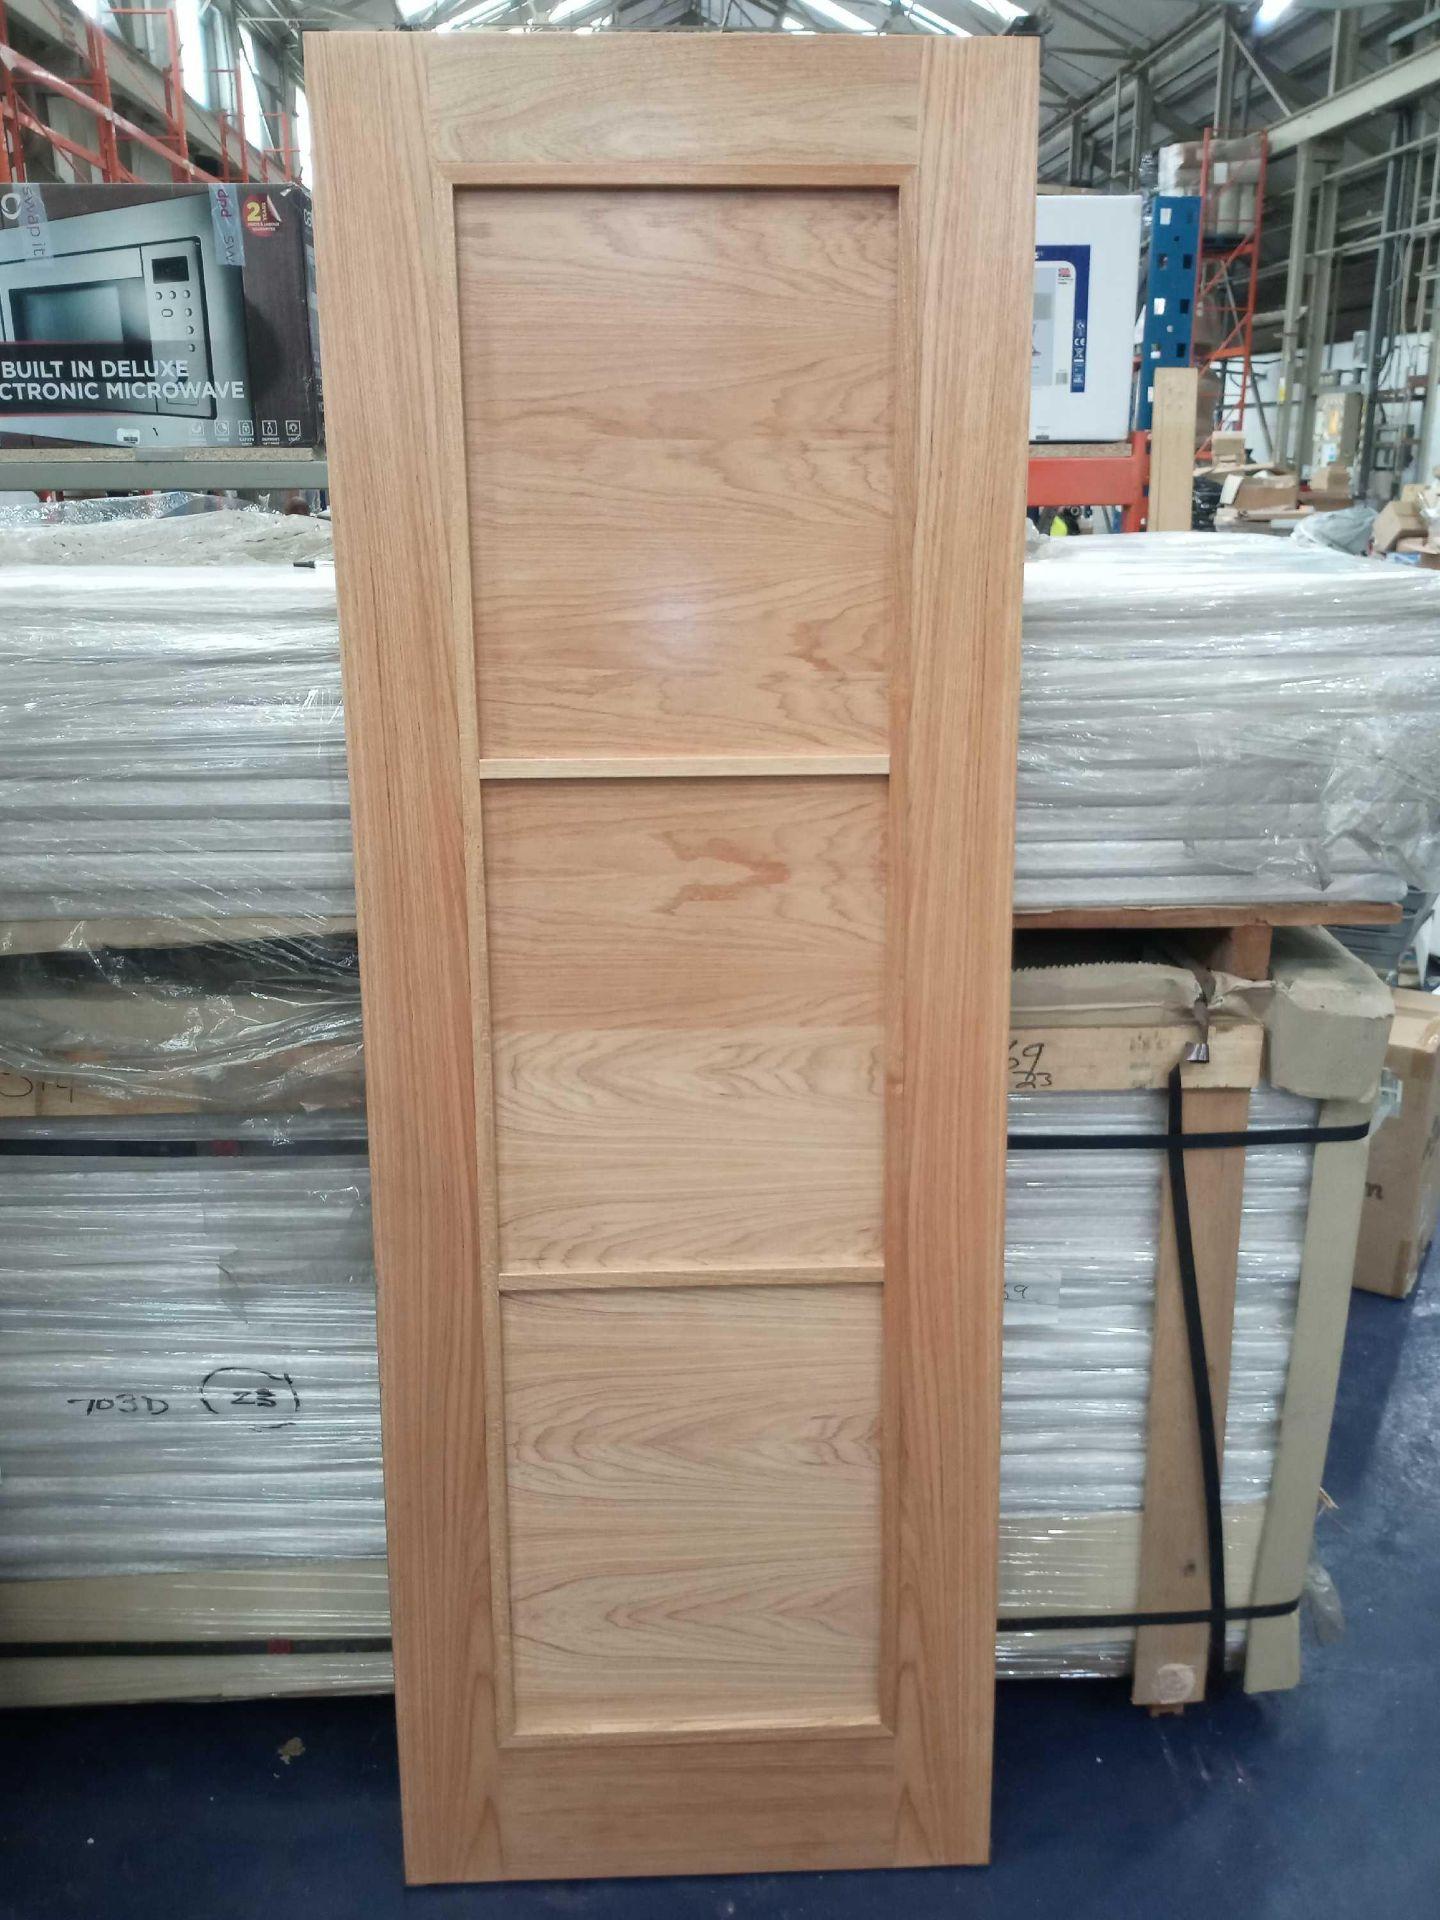 Rrp £4025 Brand New 3 Panel Solid Doors